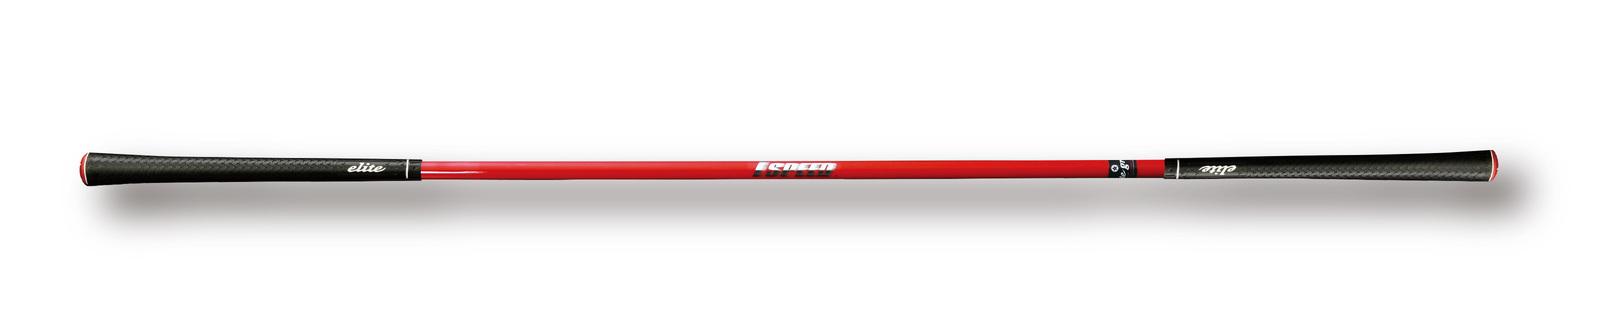 飛距離を伸ばしたい貴方へ… ☆正規品新品未使用品 1SPEED 本店 ワンスピード レッド 練習器具 ゴルフ専用トレーニング器具